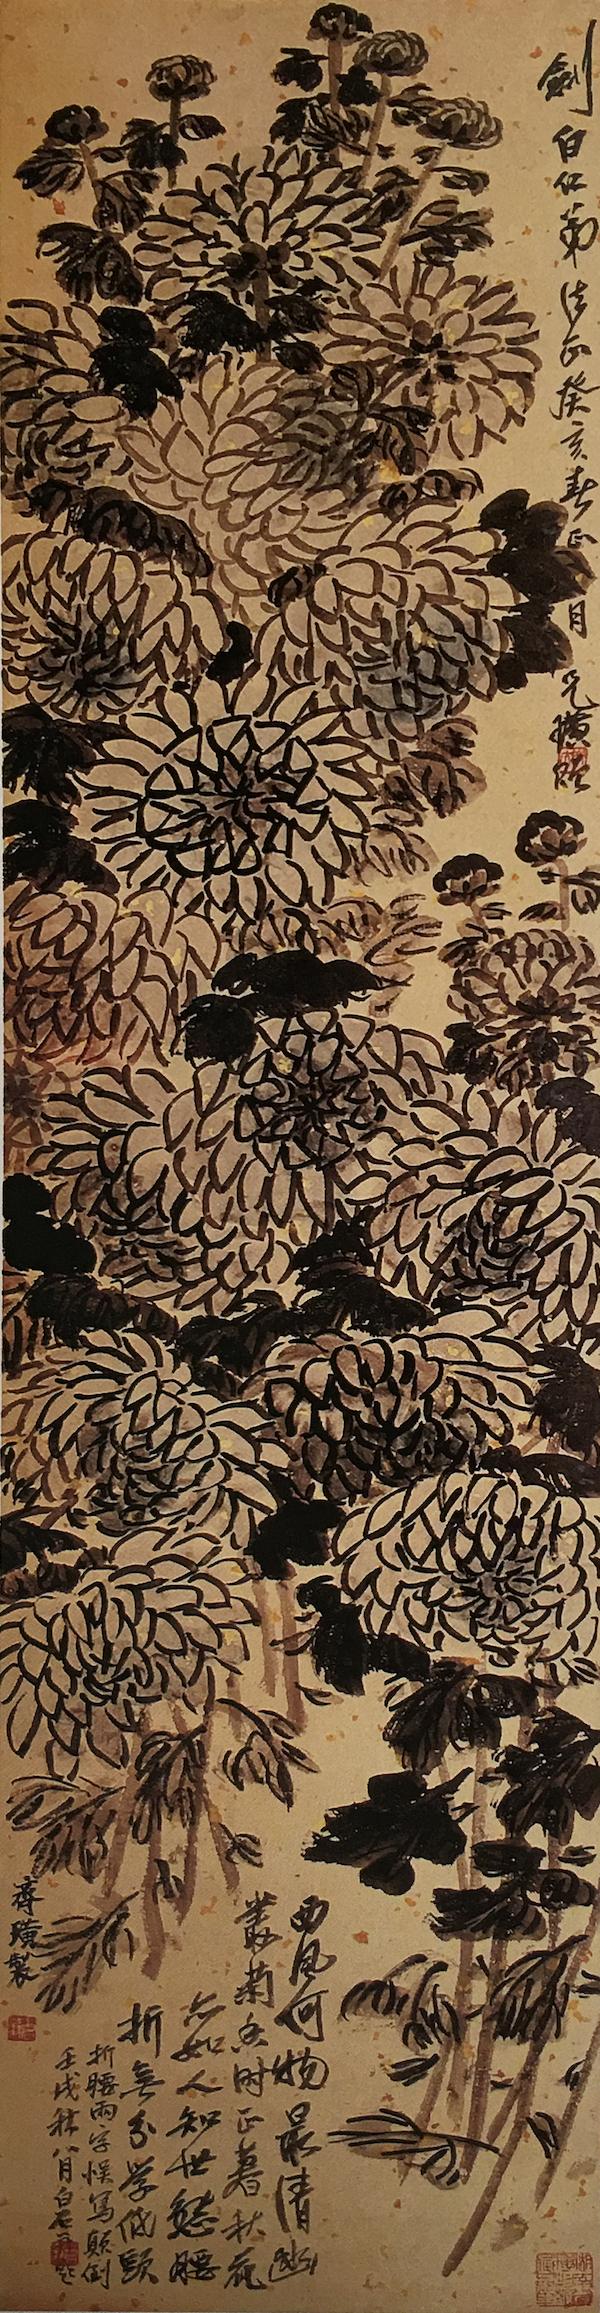 (图十八齐白石,《丛菊图》,纸本,1922年,湖南省博物馆藏)